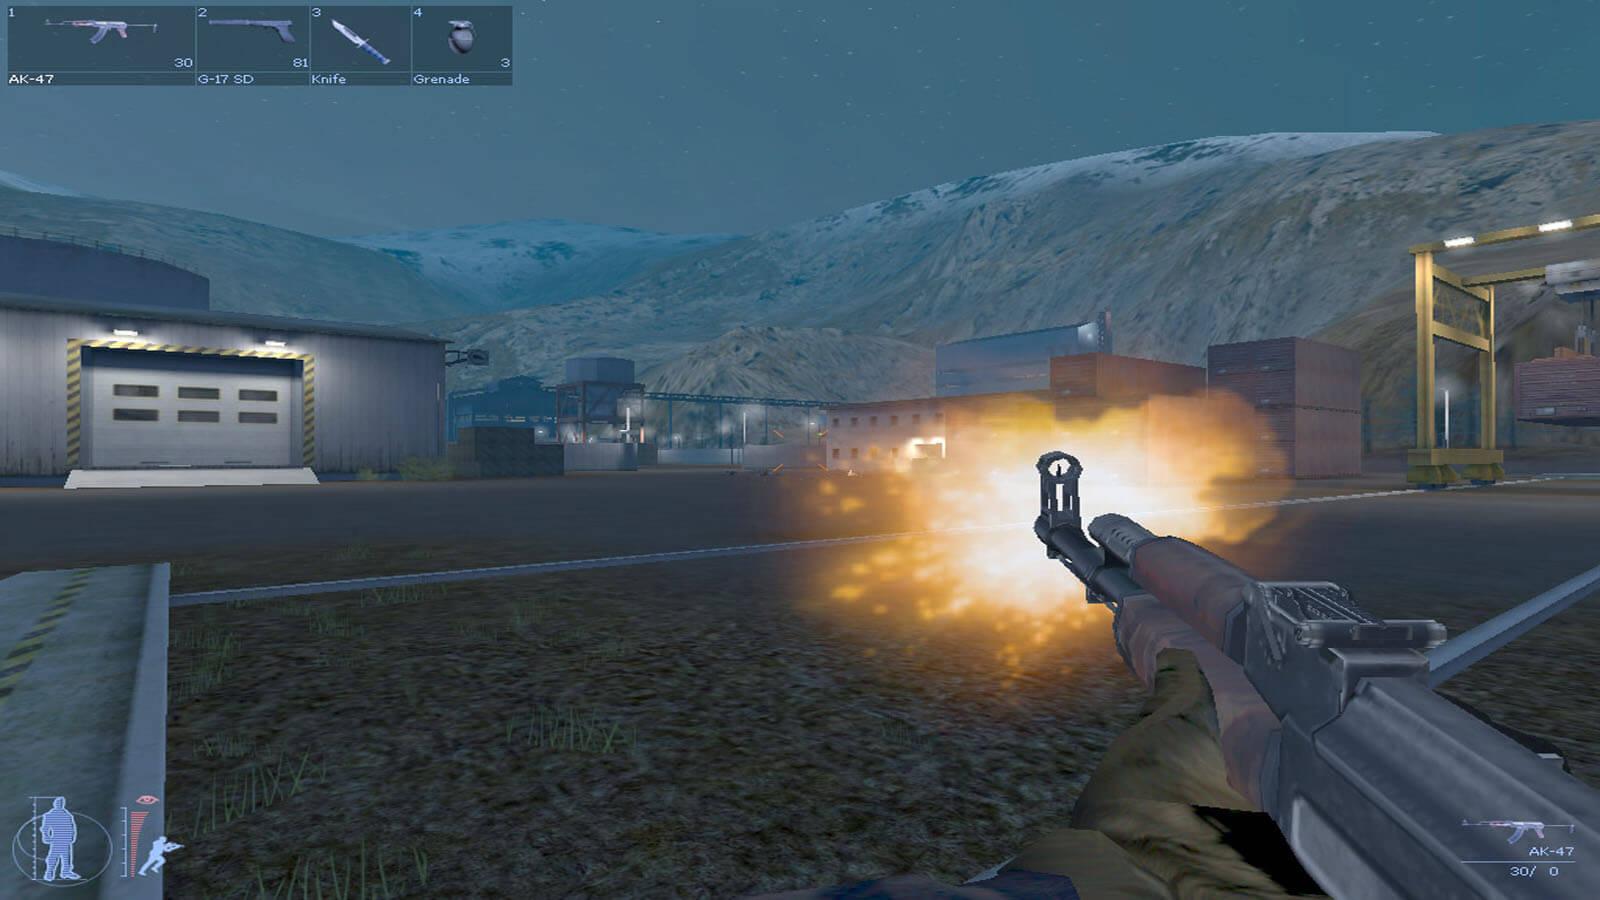 تحميل لعبة IGI 2 مضغوطة برابط واحد مباشر كاملة مجانا